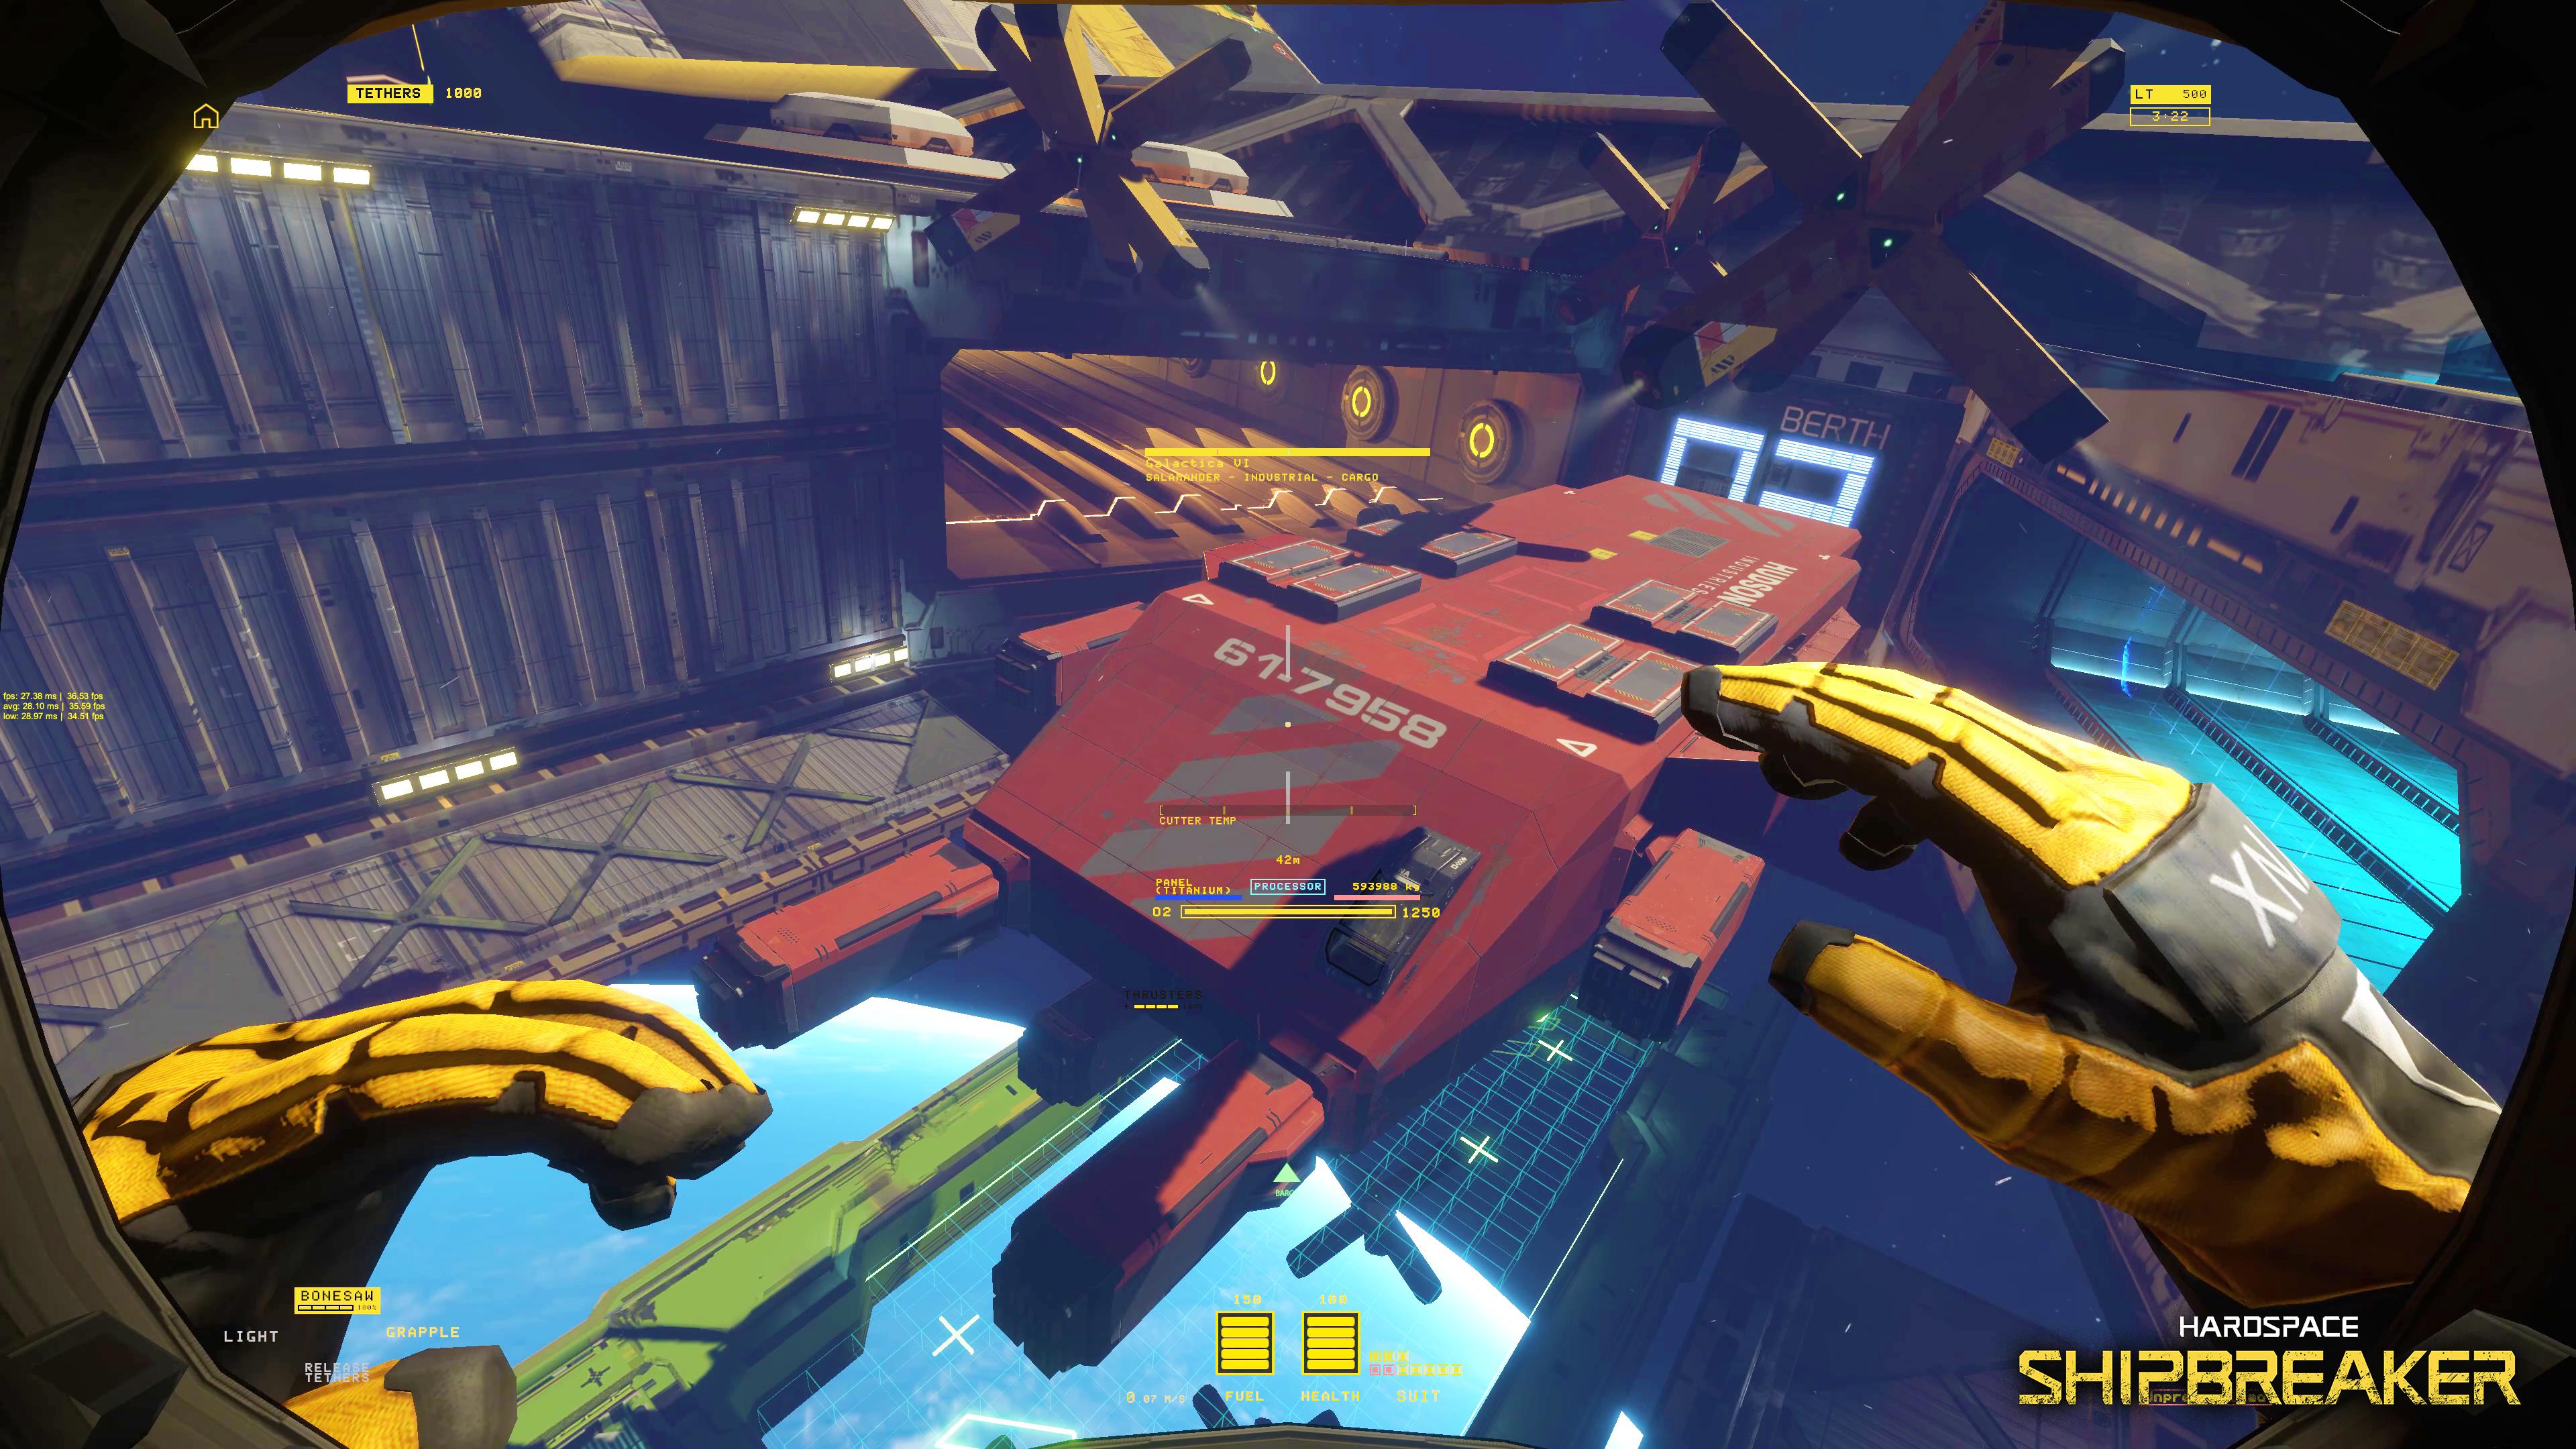 'Hardspace: Shipbreaker'